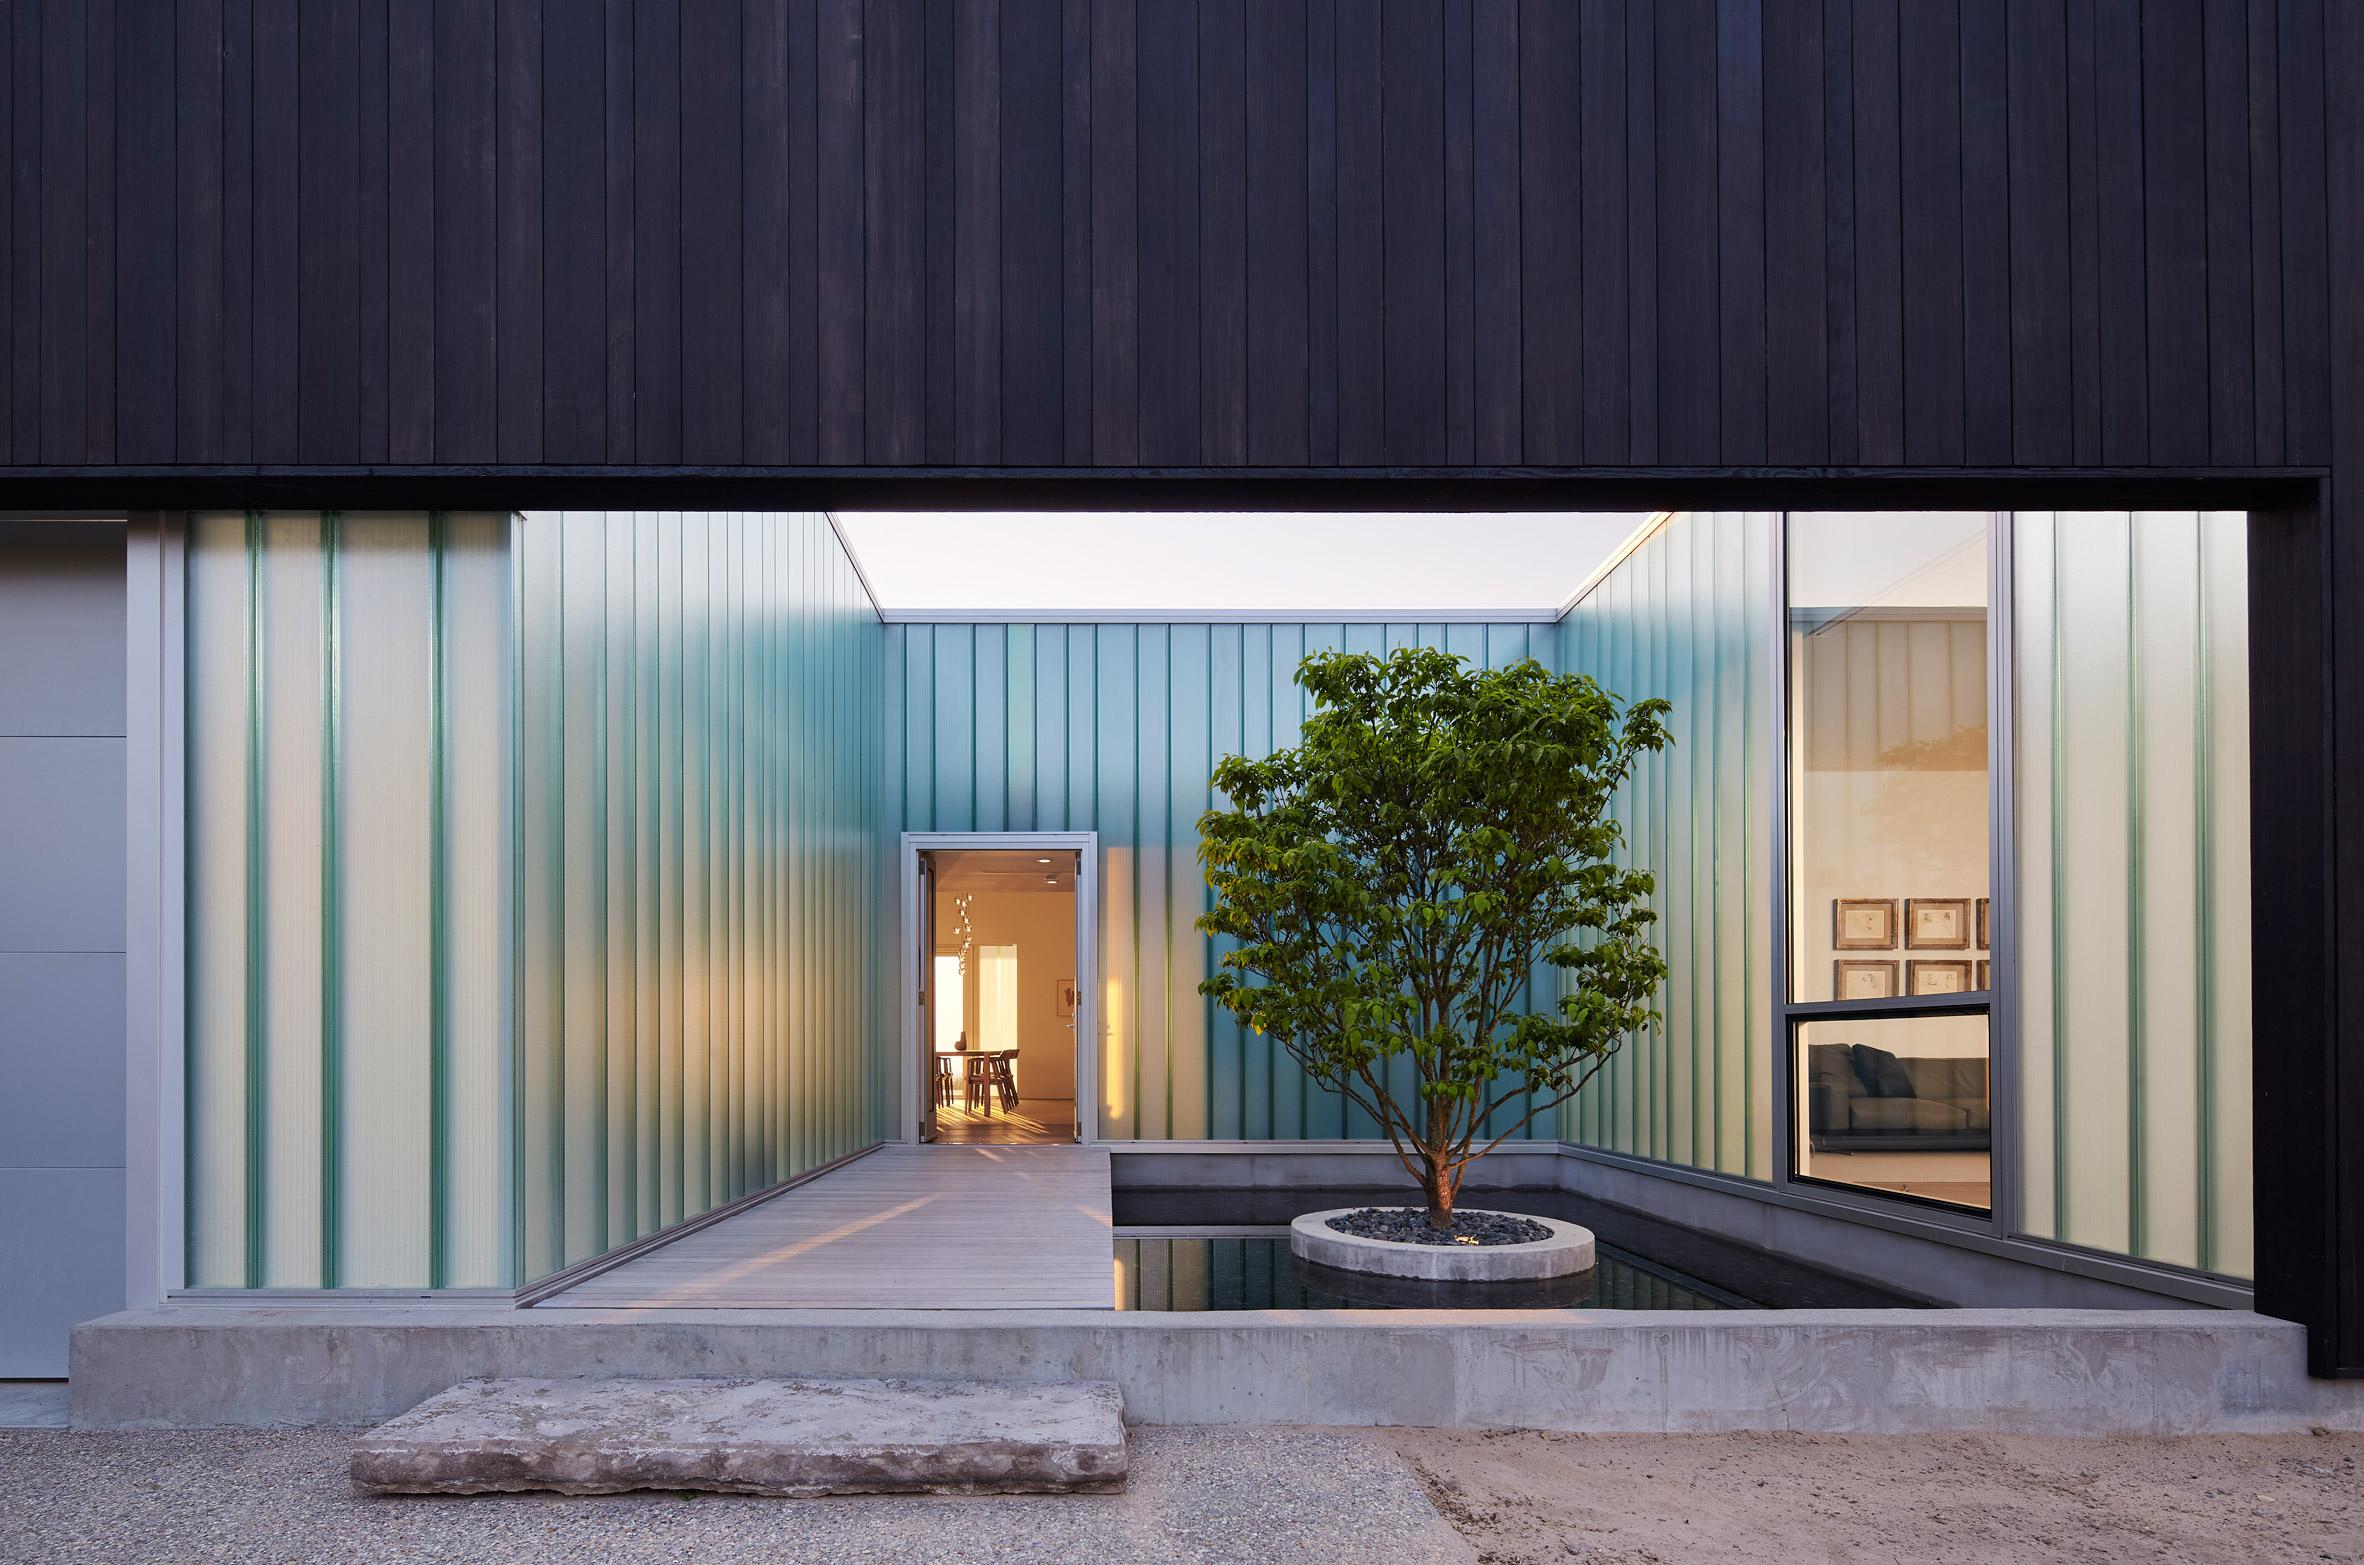 Courtyard House by John Ronan